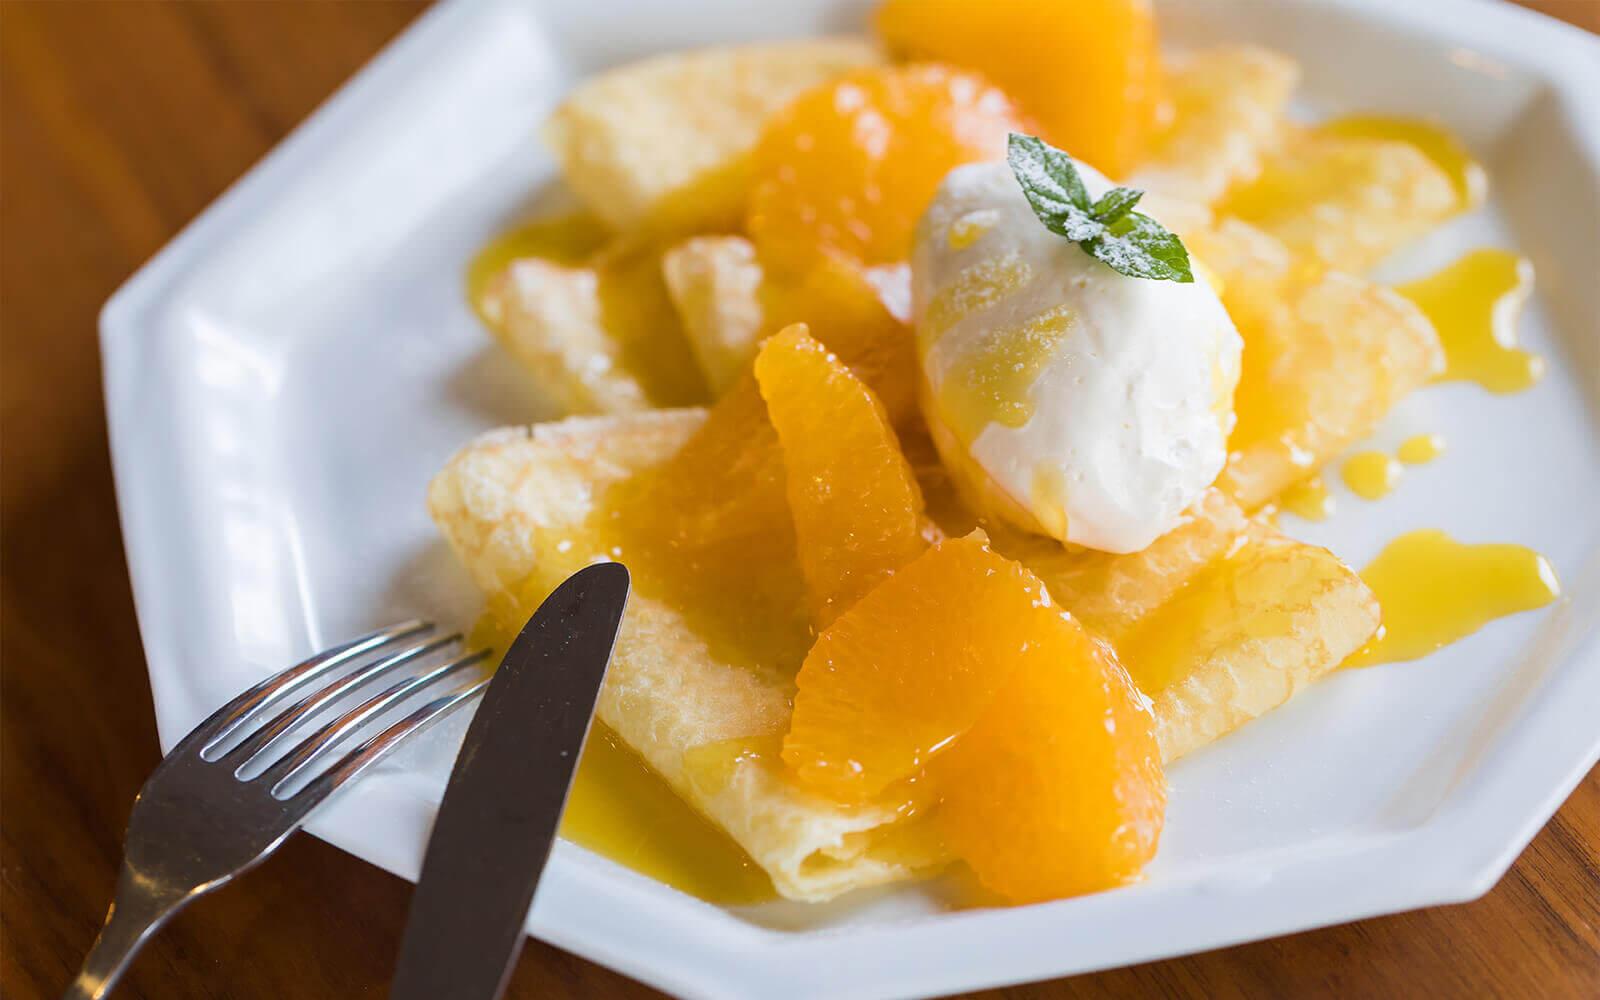 【気軽にアレンジレシピ】 大将季のソースを使ったクレープシュゼット イメージ2